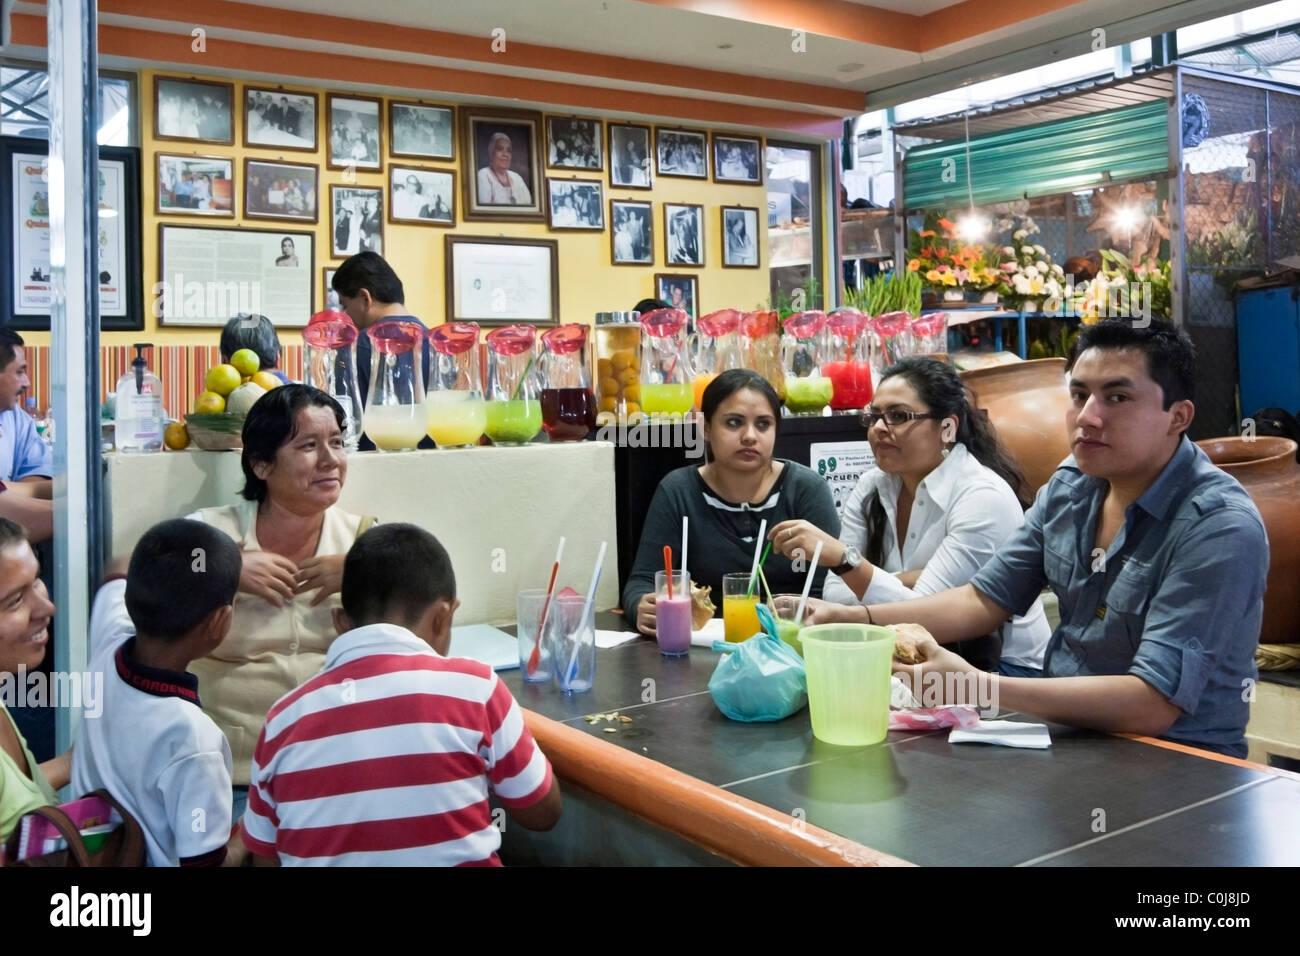 Familiengruppe an einem Tisch im alten Restaurant Benito Juarez Markt Oaxaca-Stadt Mexiko Stockbild